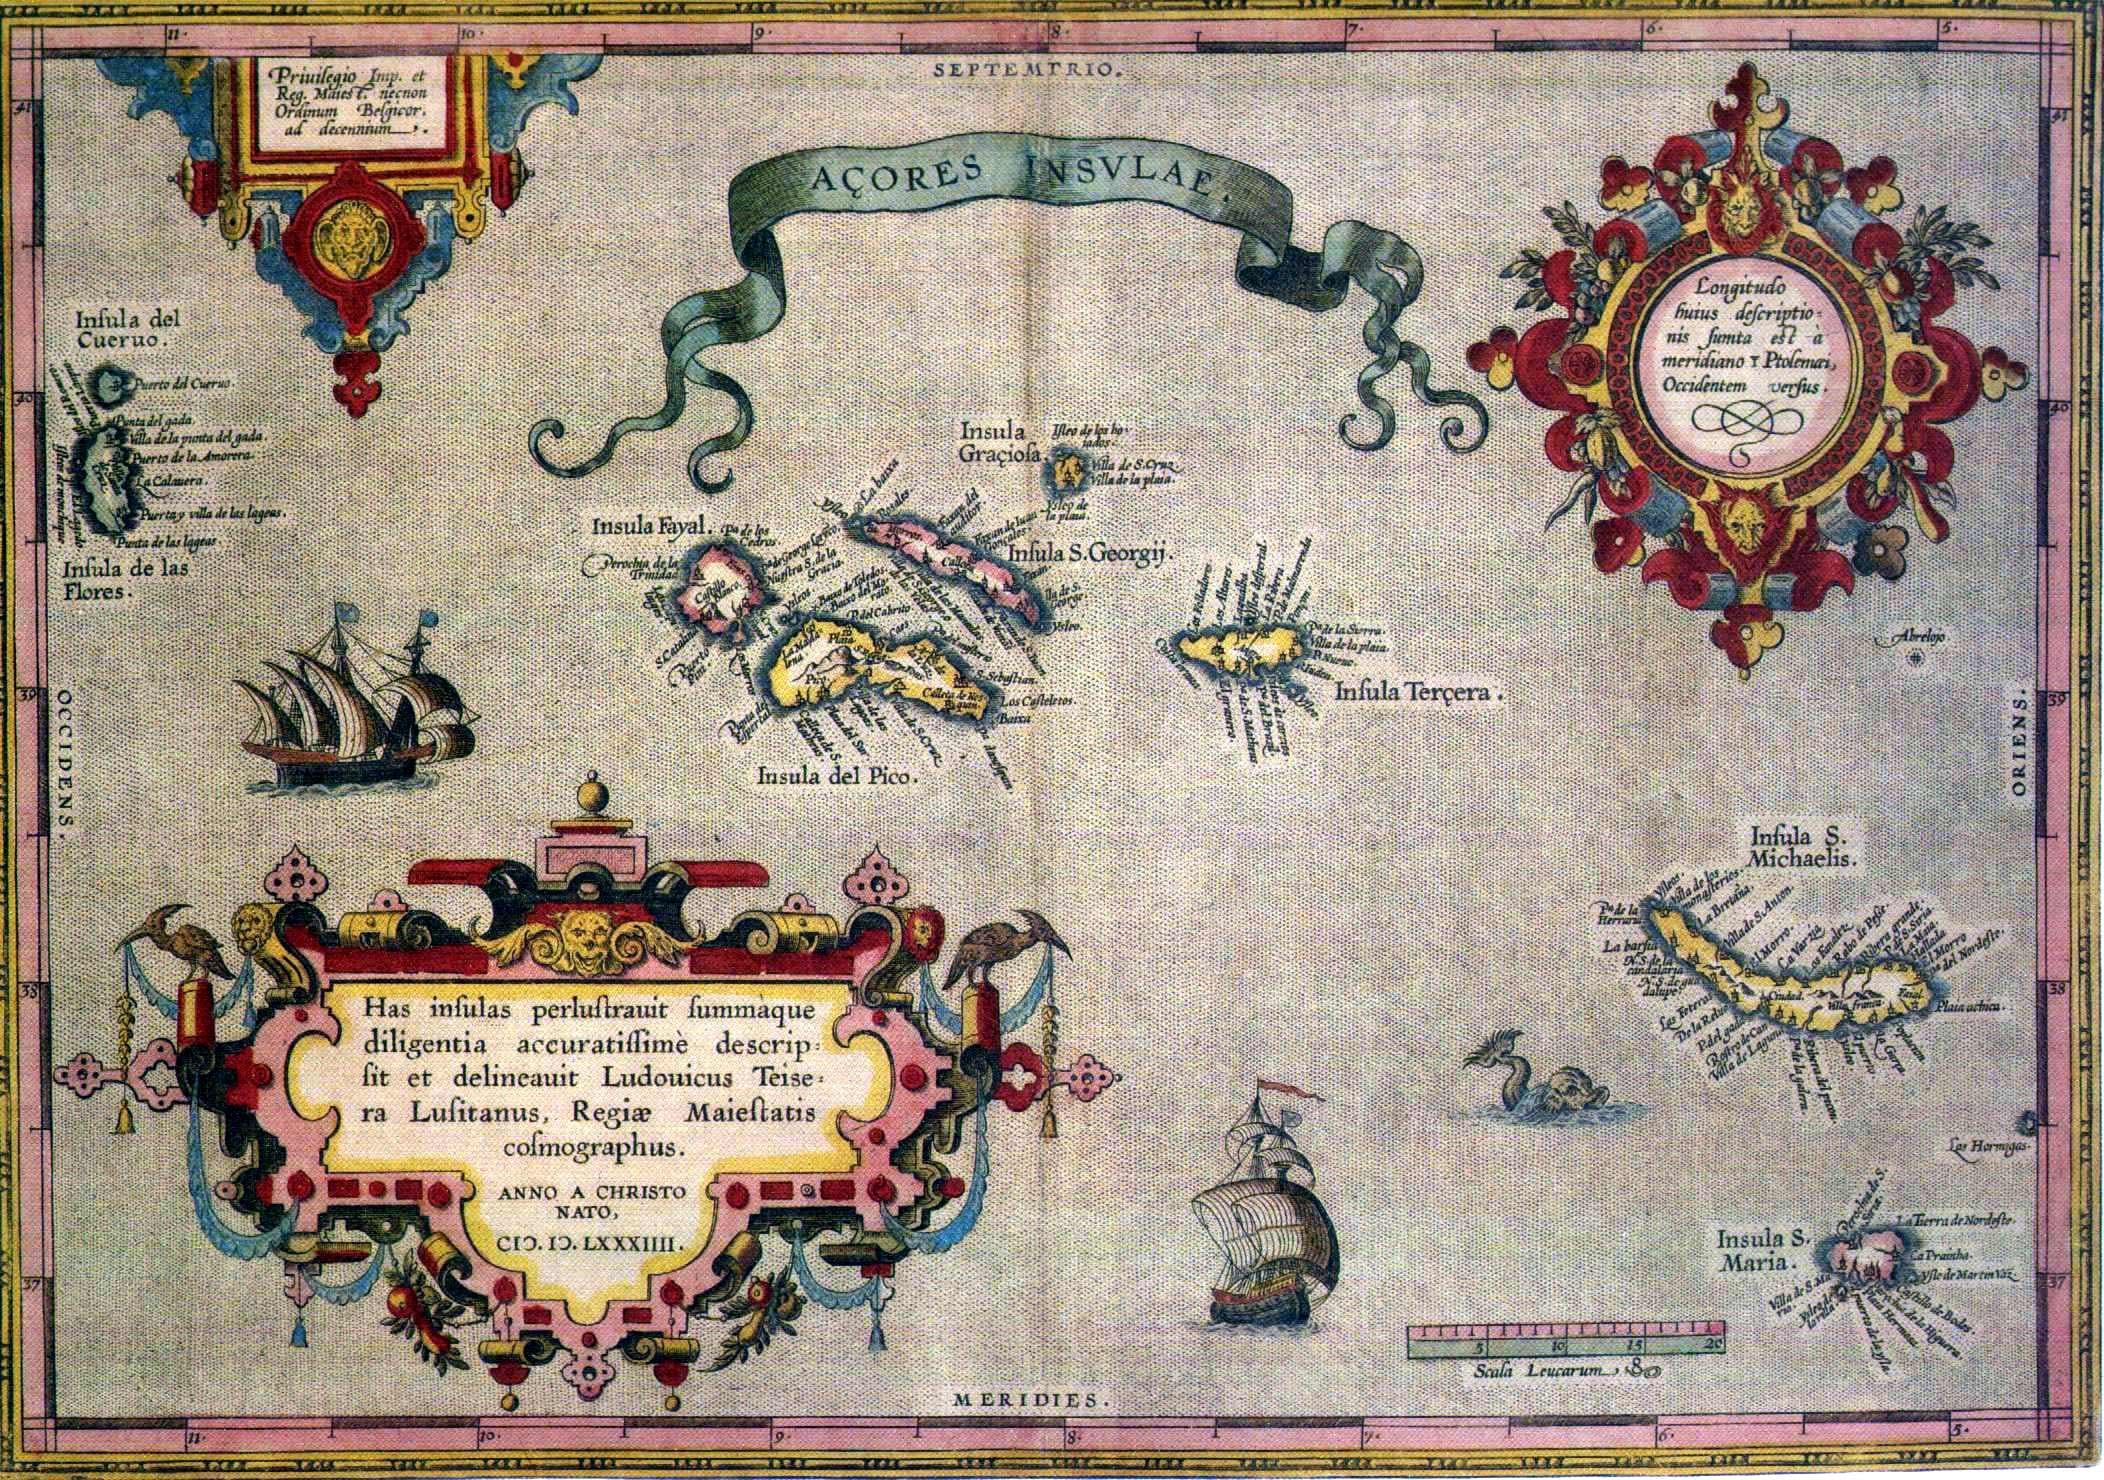 Mapa dos Açores em 1584